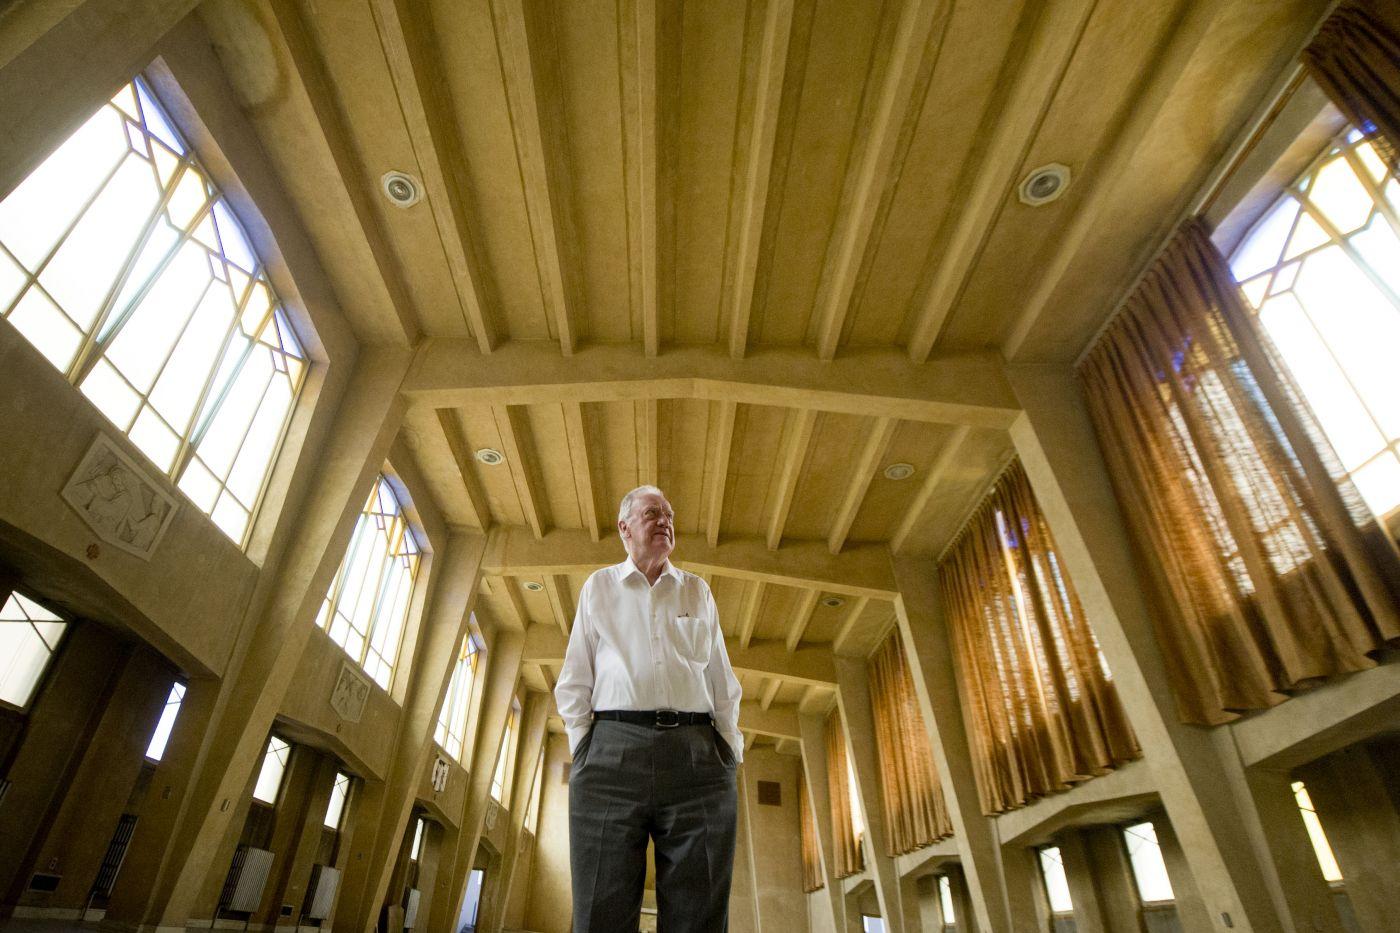 Photographie en couleur d'un homme d'un certain âge aux cheveux blancs, debout au centre d'une église, les mains dans les poches de son pantalon. Le bâtiment est décoré simplement, avec des vitraux et un chemin de croix.